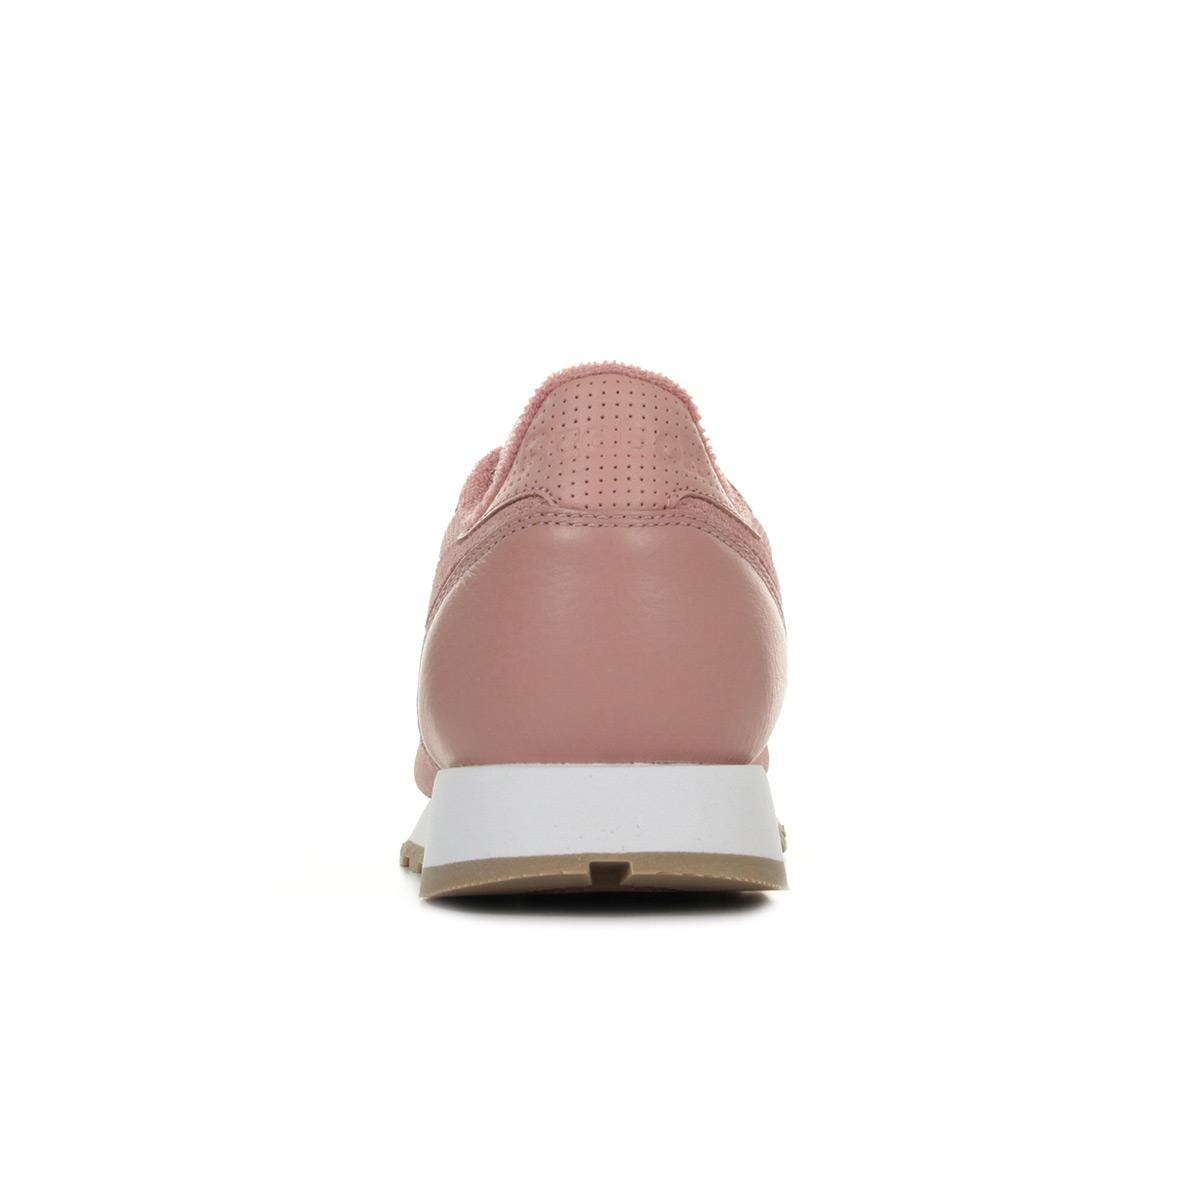 Détails sur Chaussures Baskets Reebok unisexe Classic Leather Estil taille Rose Cuir Lacets